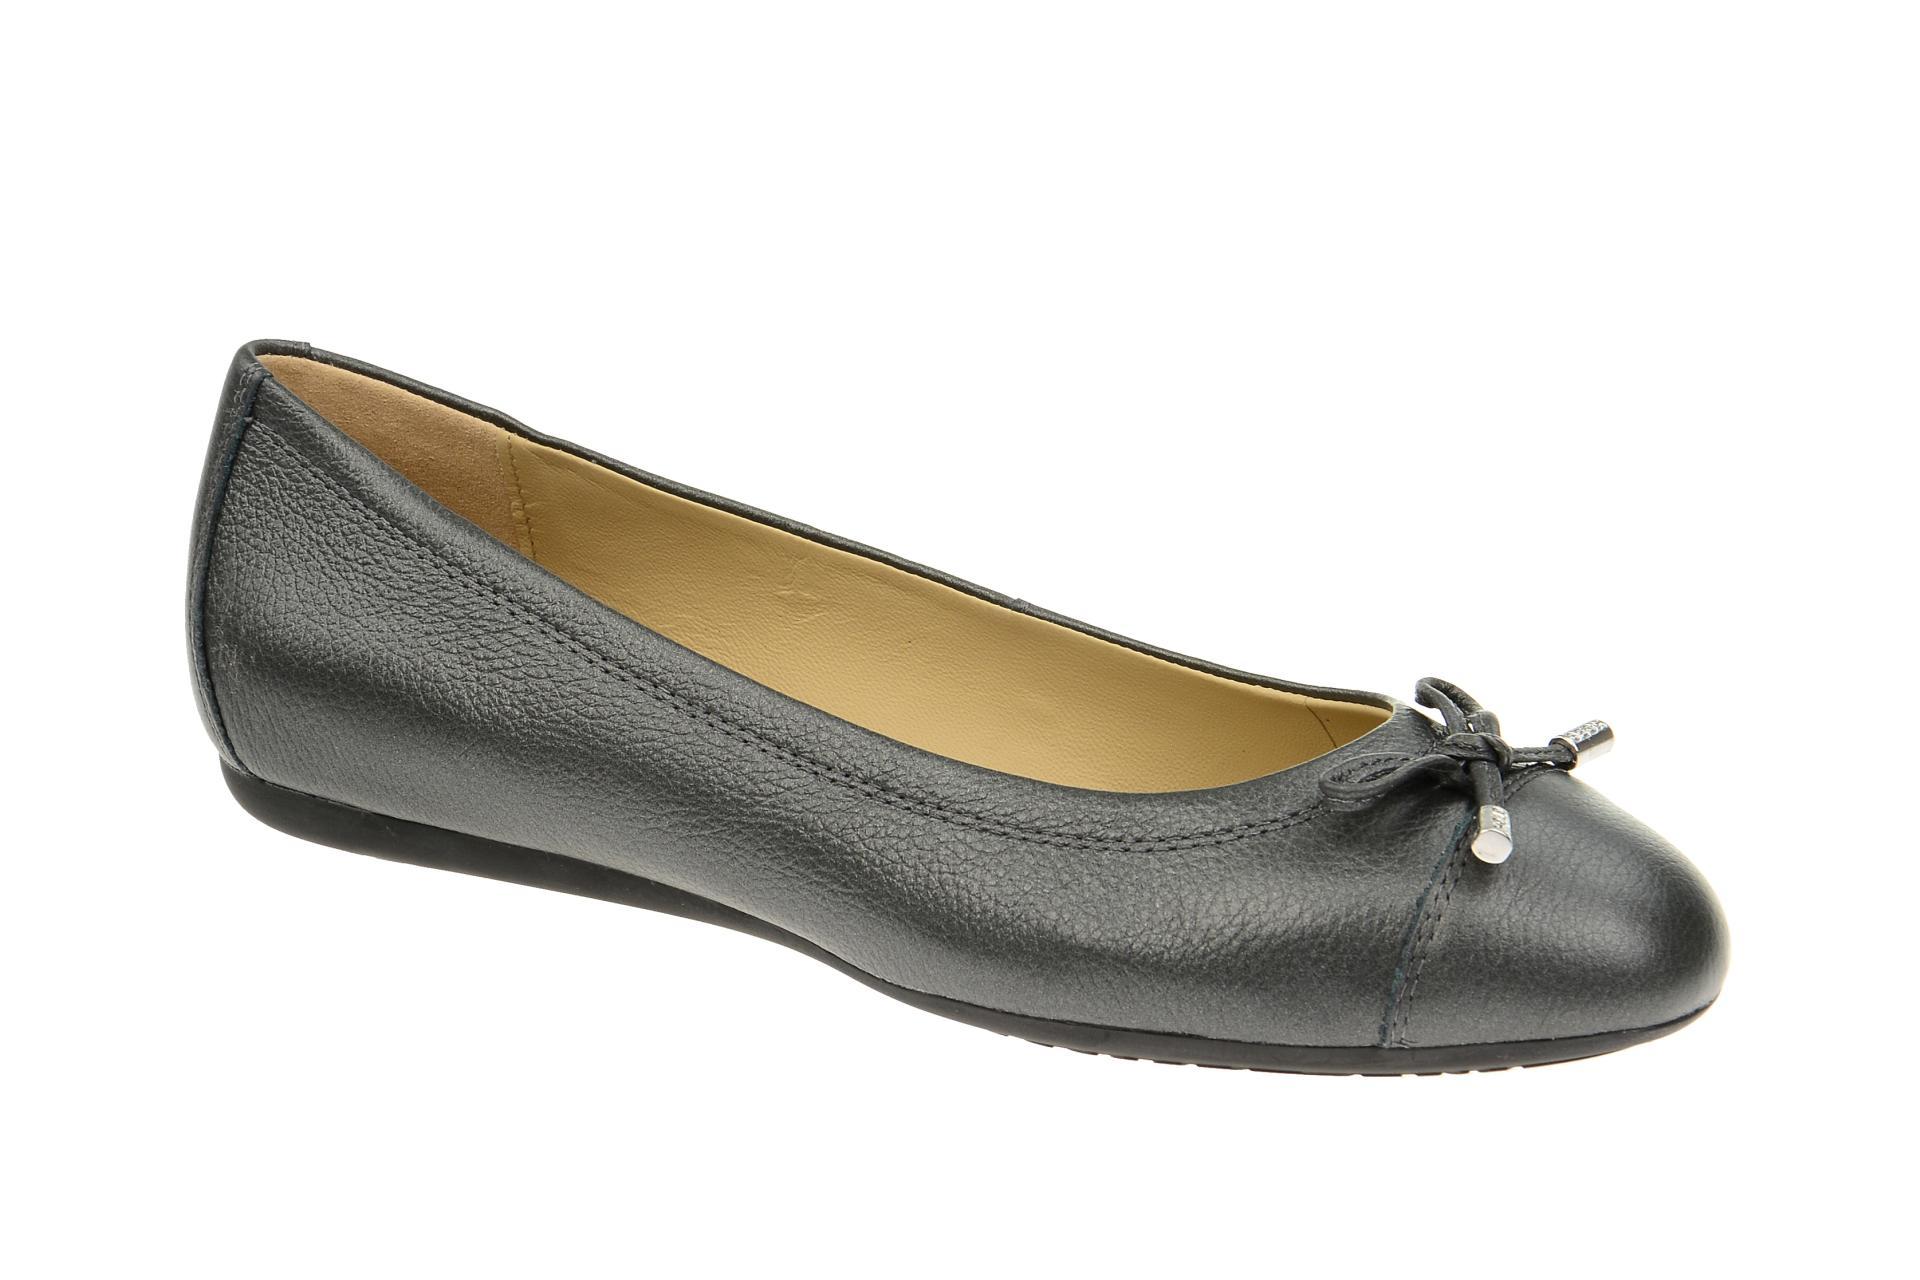 geox charlene flats, Geox Herren Schuhe Sneakers Leder Mix